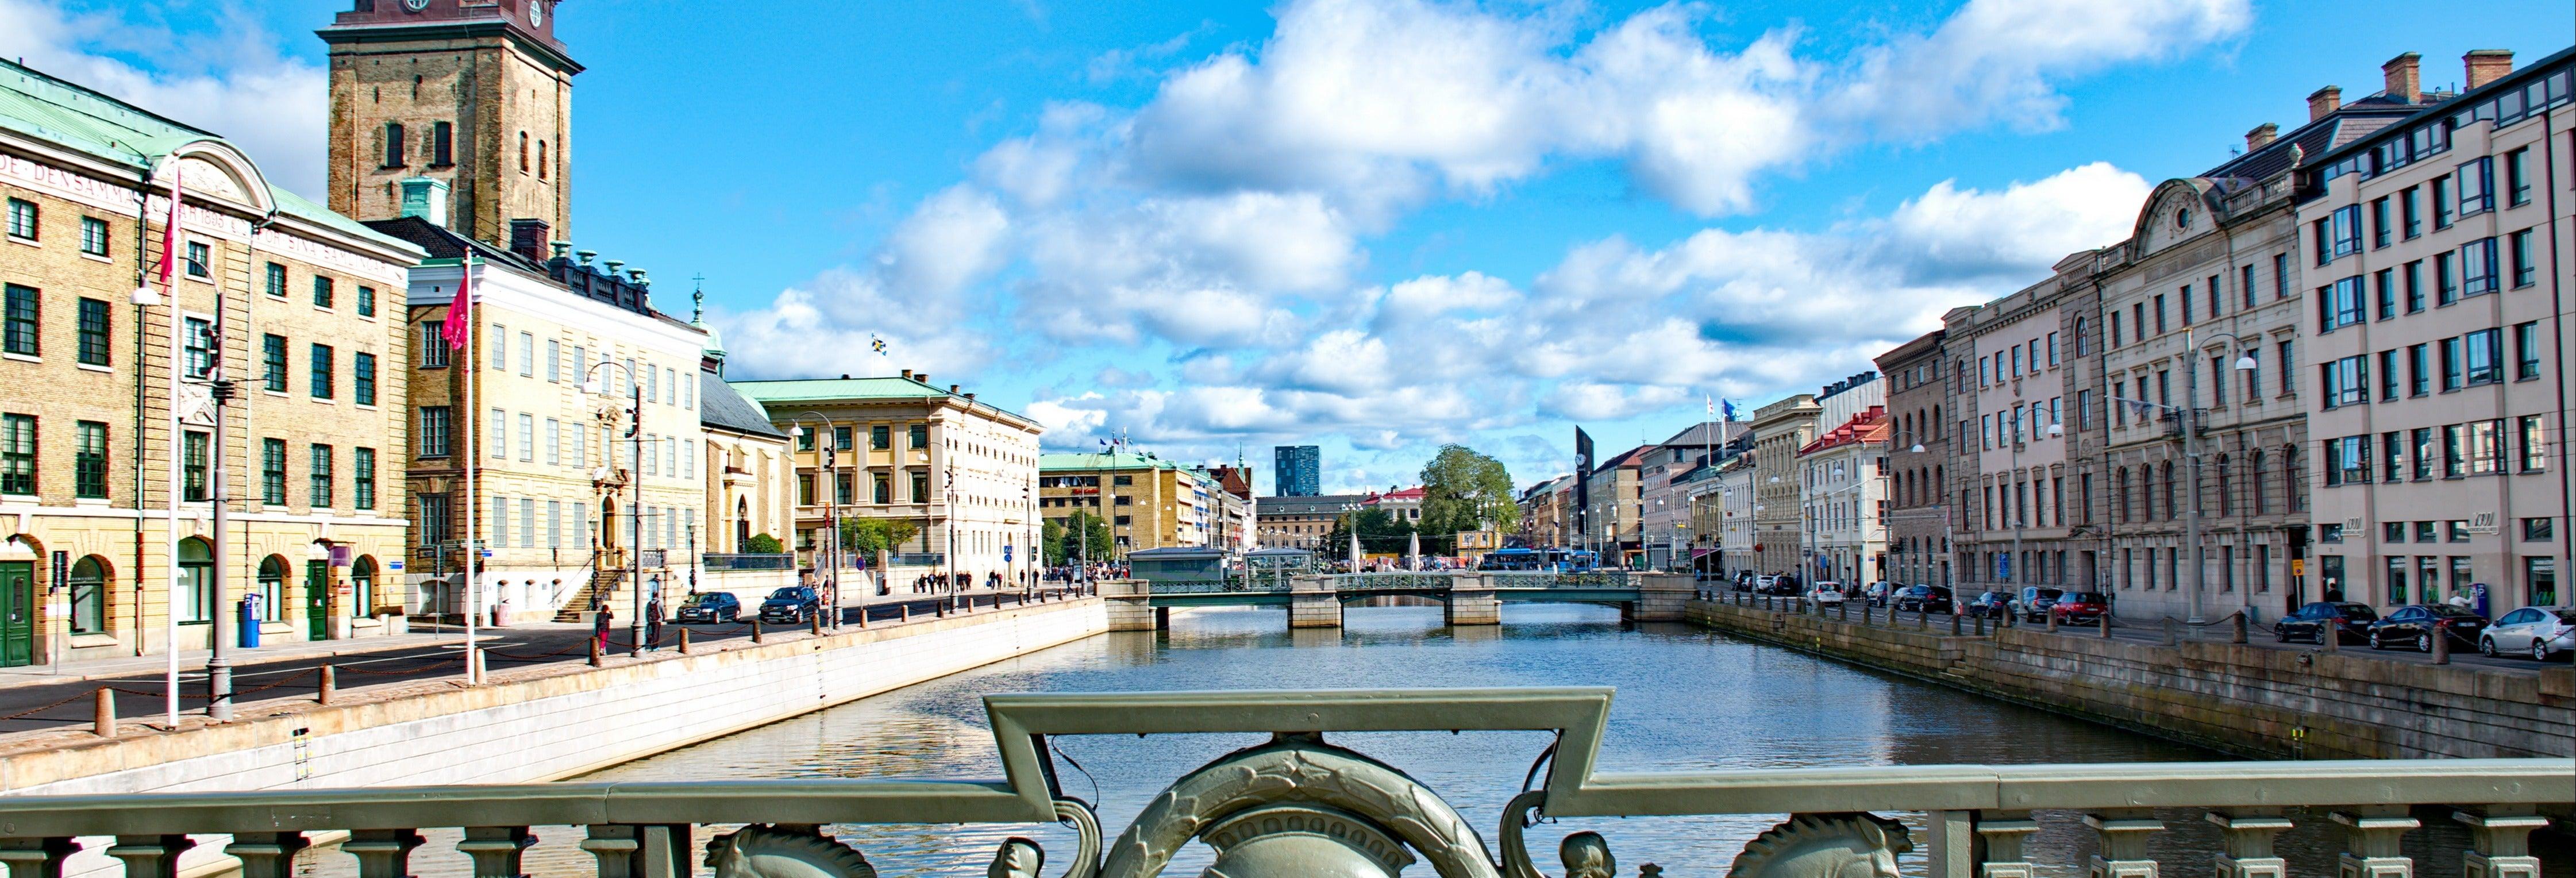 Autobus turistico di Gotemburgo